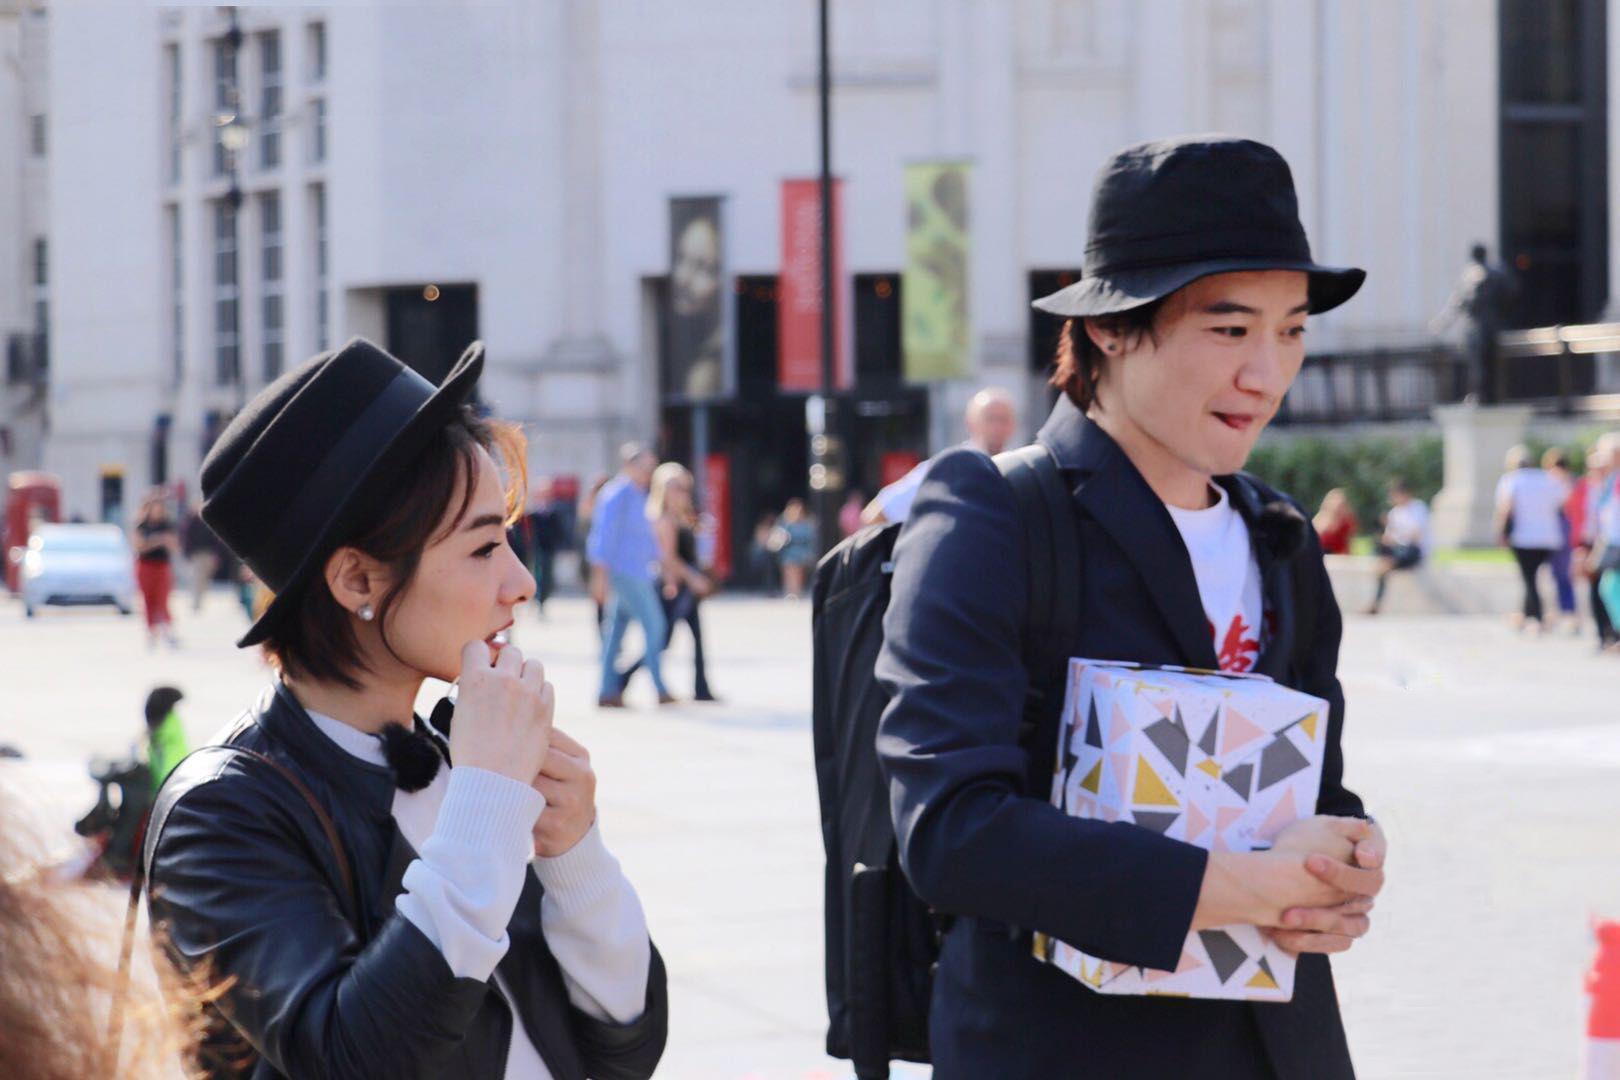 怎么了?刘璇现身伦敦街头 奥运冠军竟靠卖艺赚钱